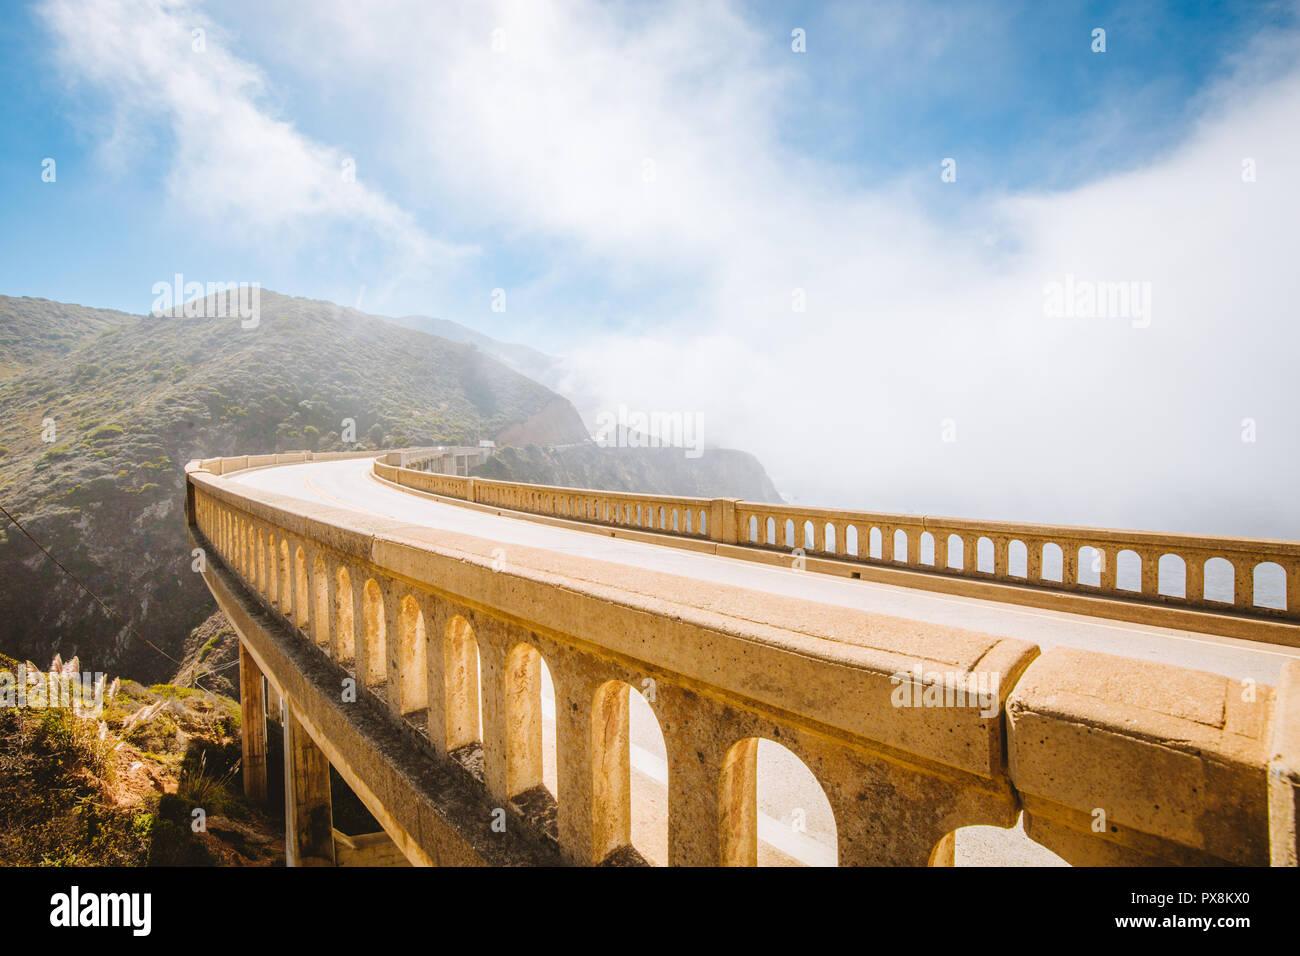 Vista panorámica del casco histórico de Bixby Creek mundialmente famoso puente a lo largo de la autopista 1 en un día soleado, con niebla, en verano, el Condado de Monterey, California, EE.UU. Imagen De Stock